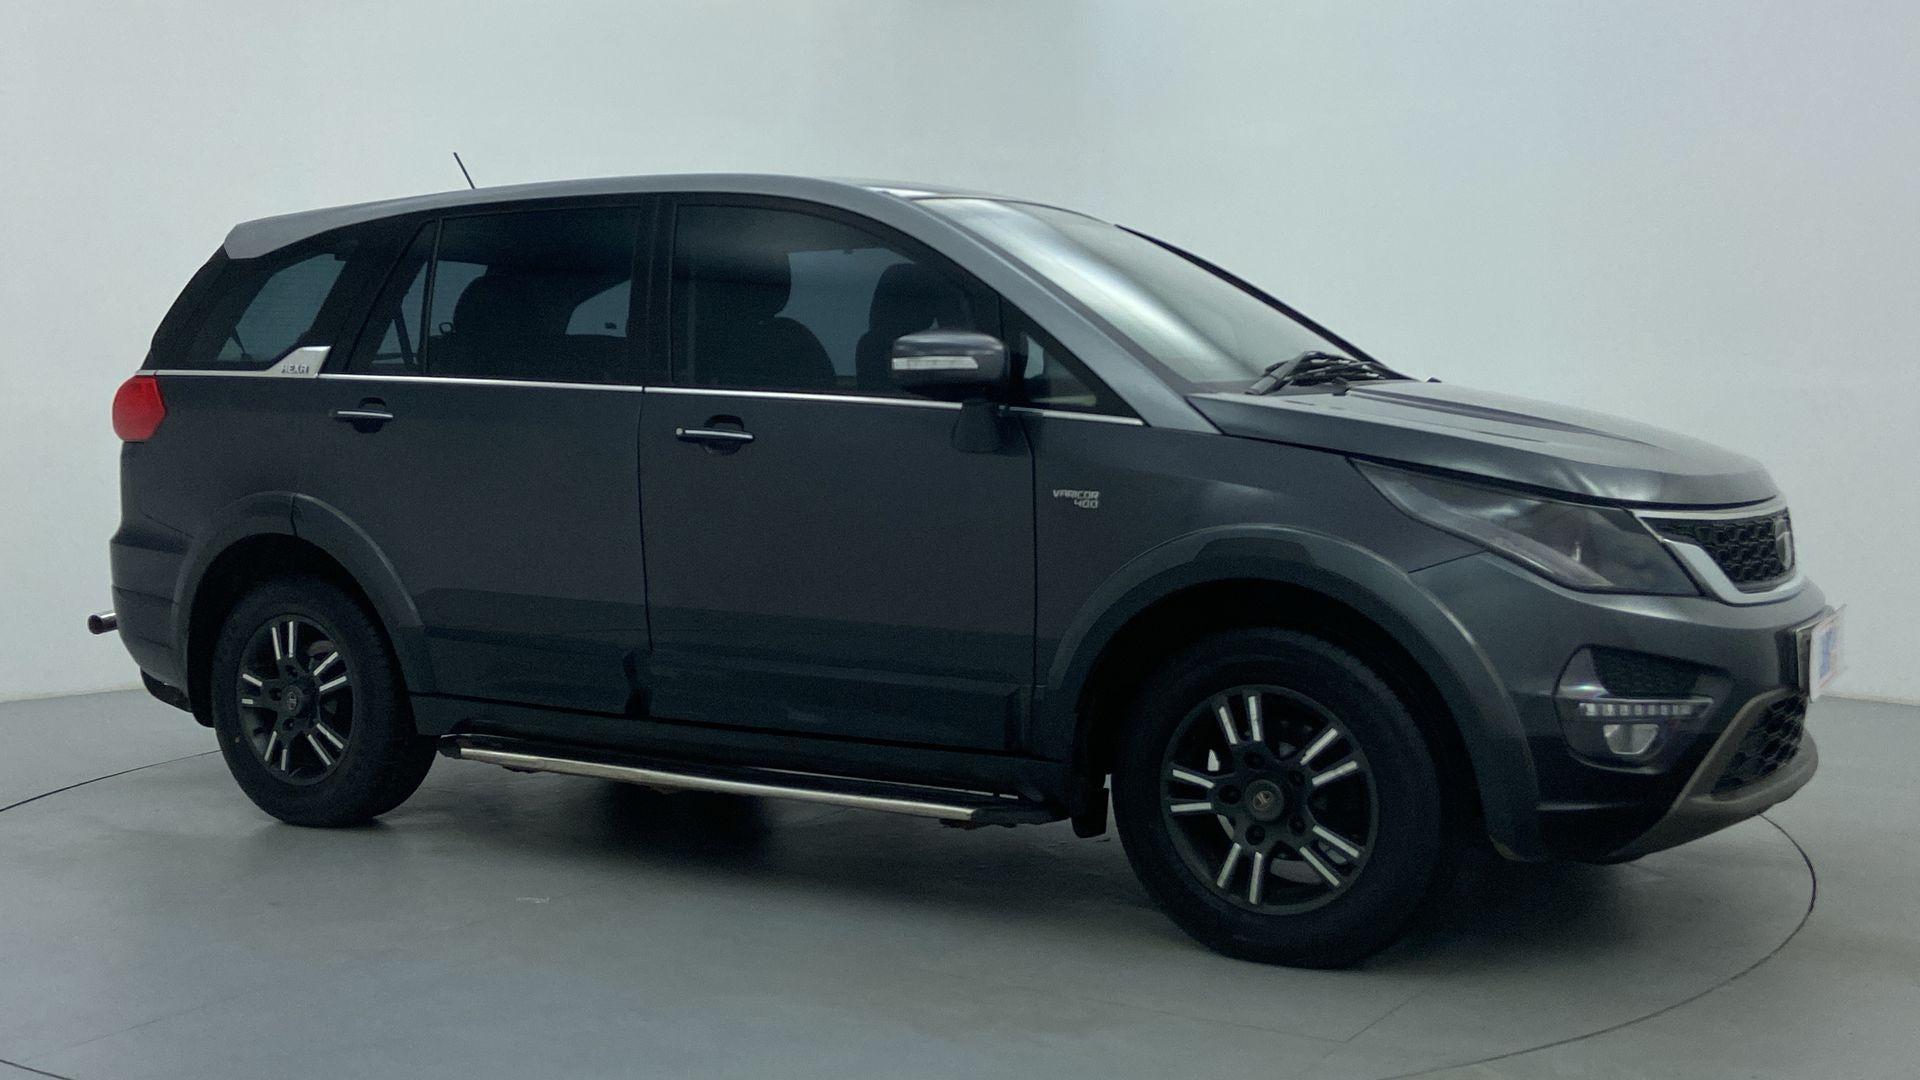 2019 Tata Hexa Varicor 400 XT